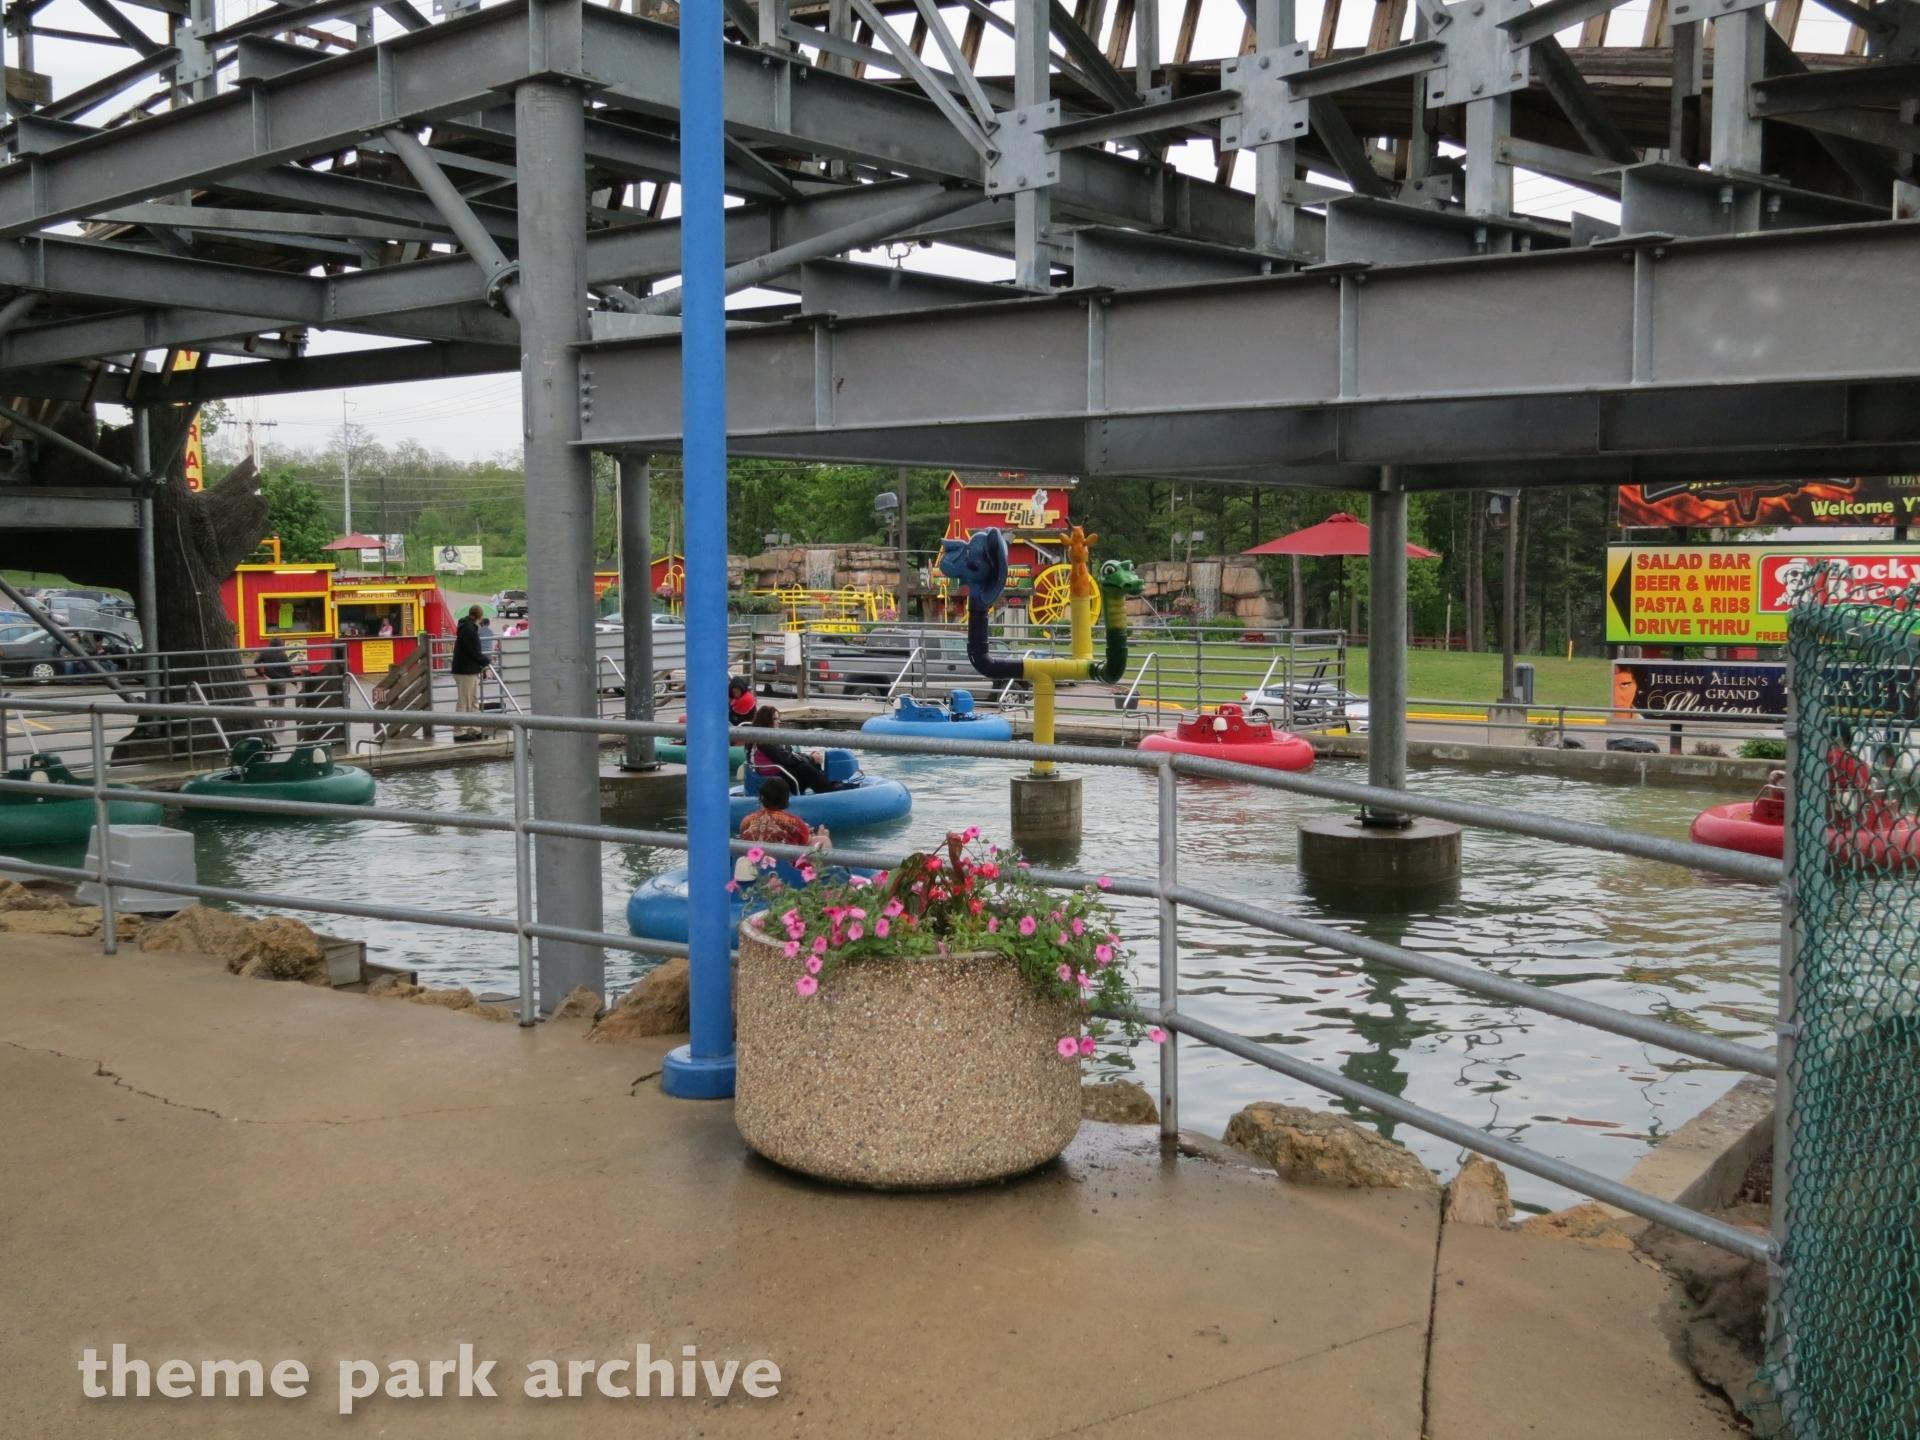 Bumper Boats at Timber Falls Adventure Park